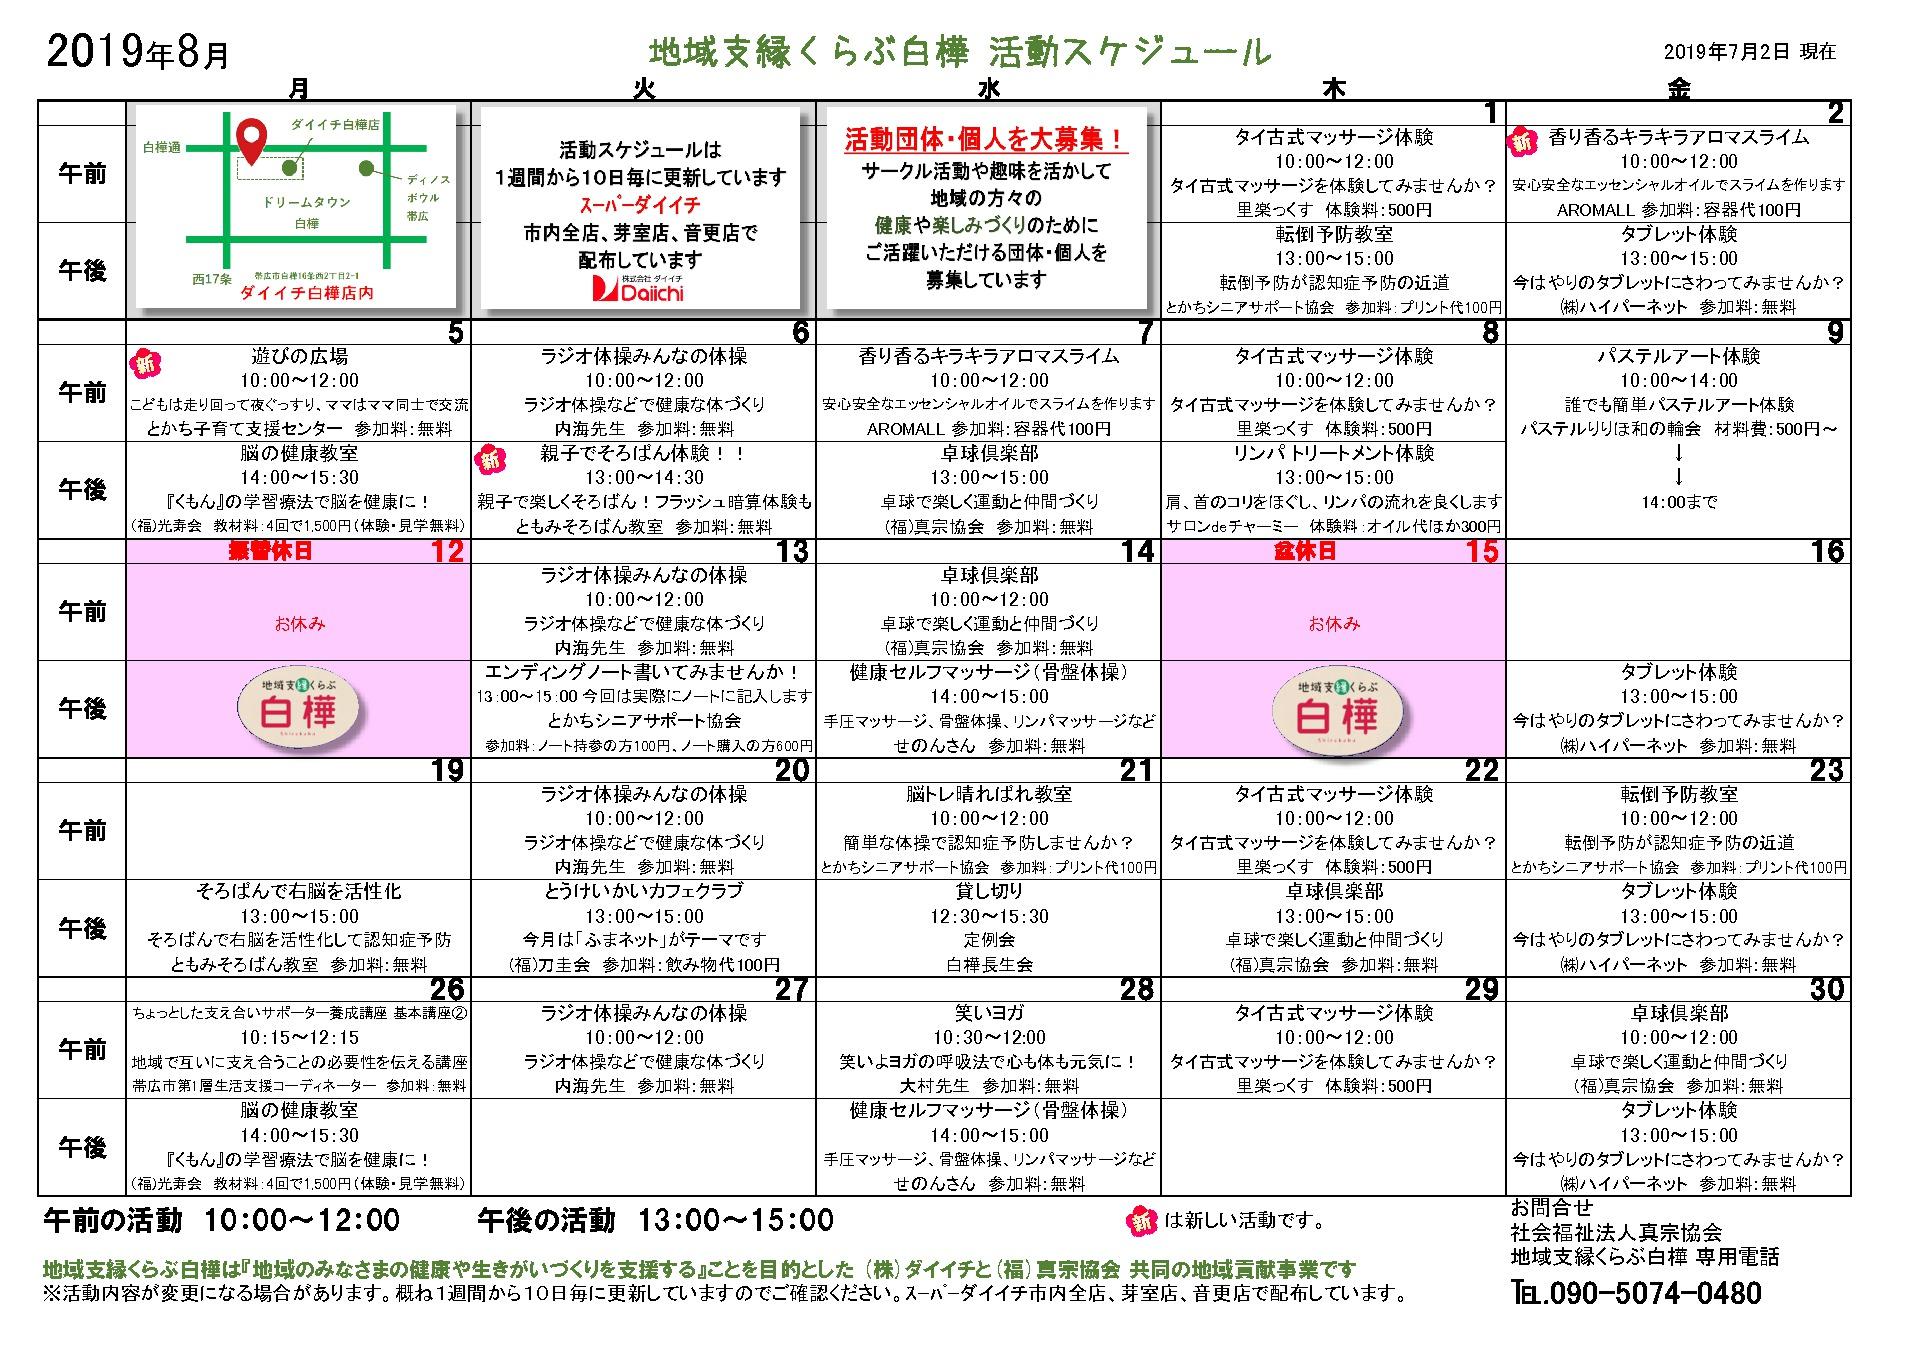 2019活動スケジュール8(2019.7.2付)のサムネイル